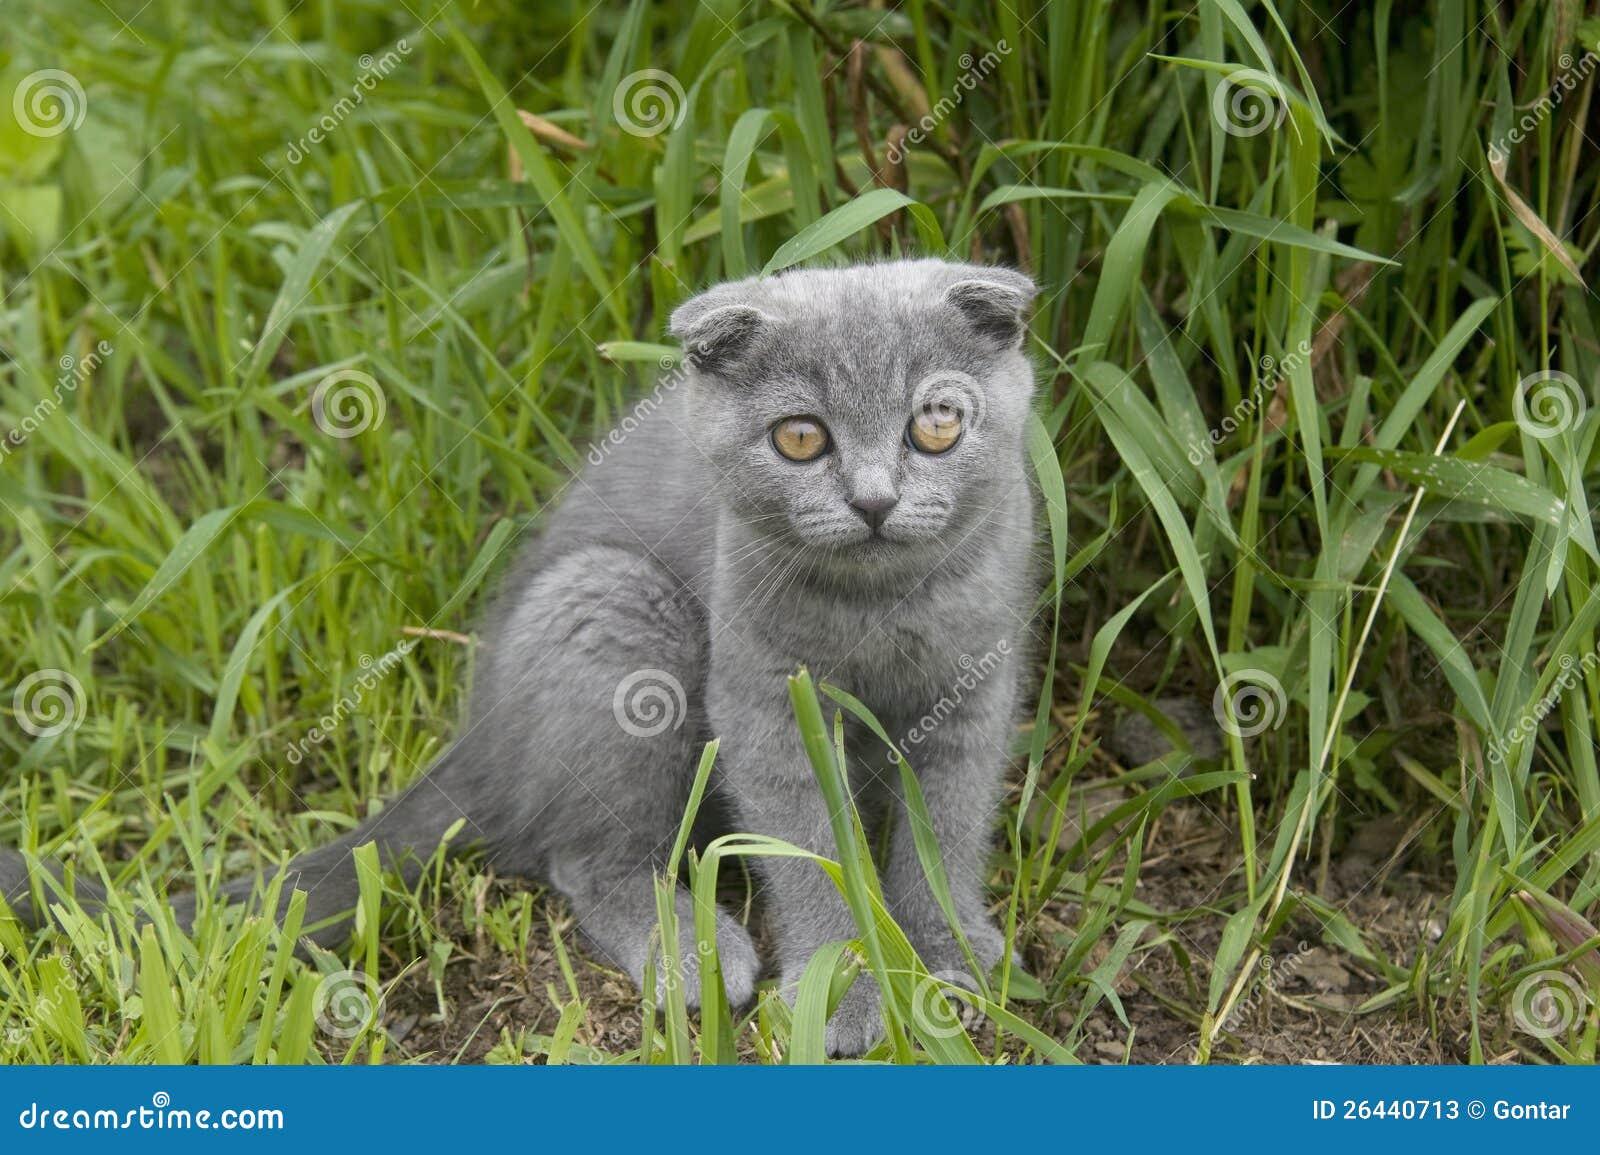 cheshire cat tsum tsum